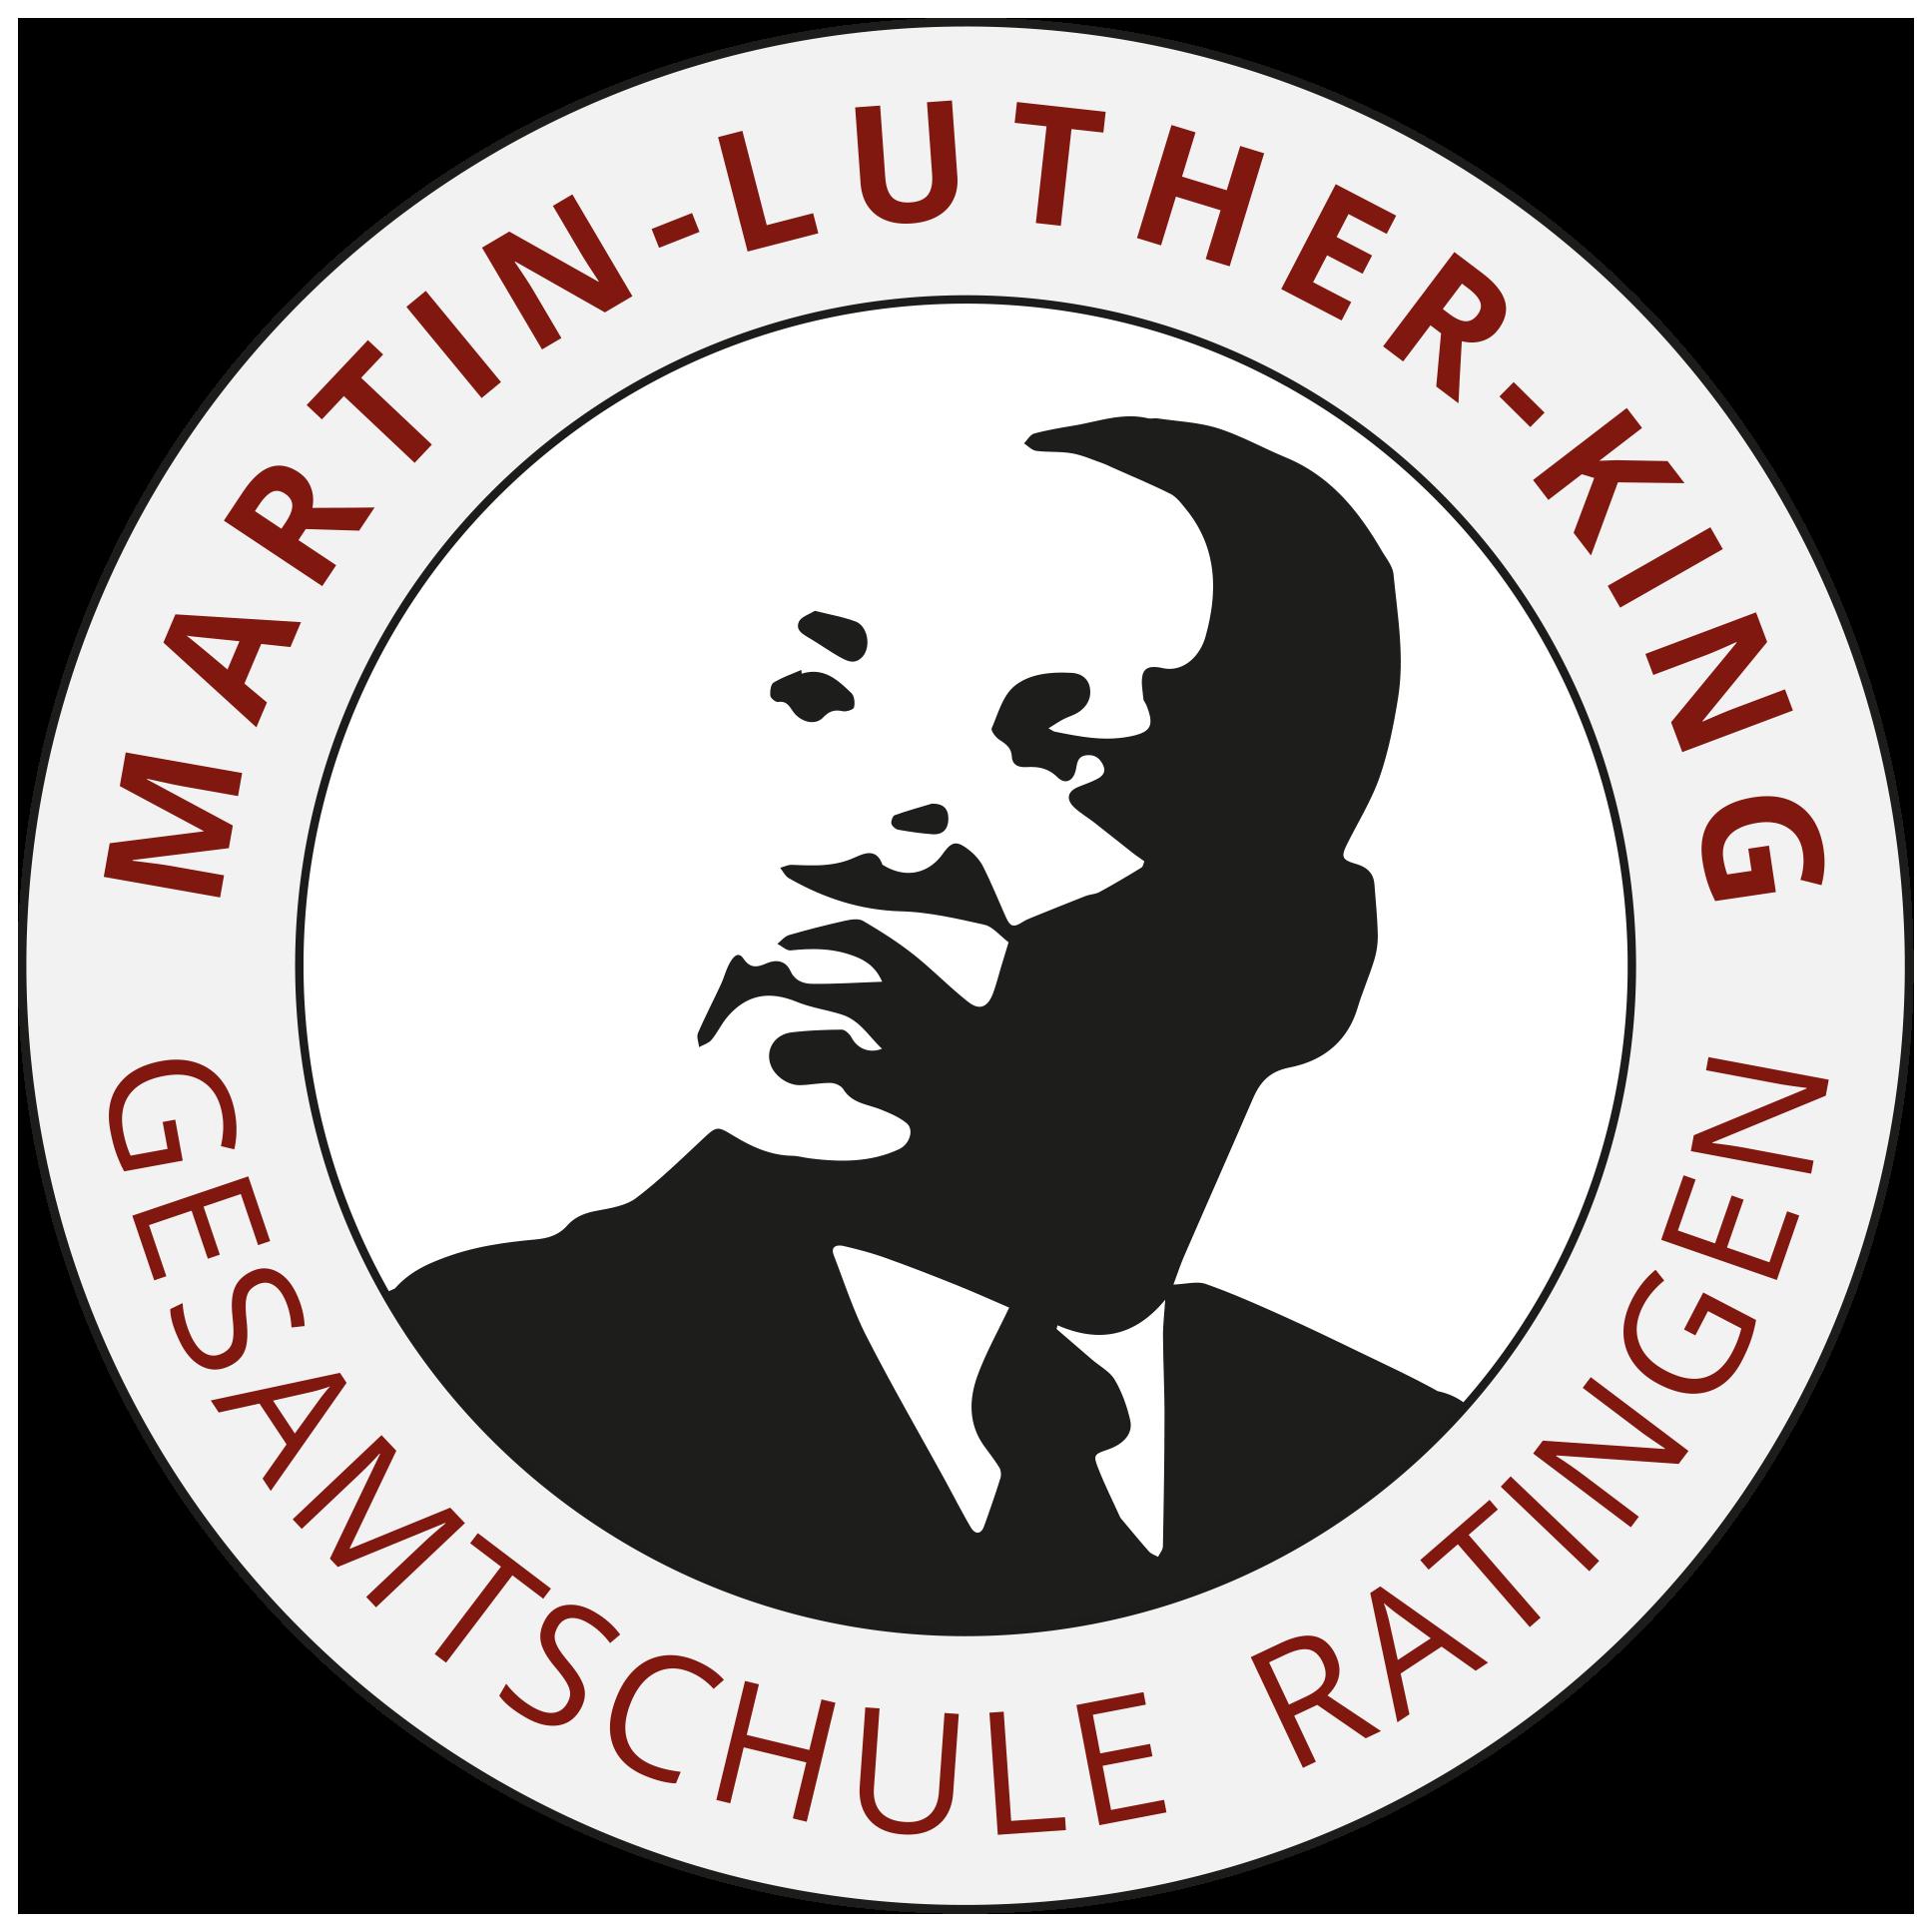 gesamtschule-ratingen.de